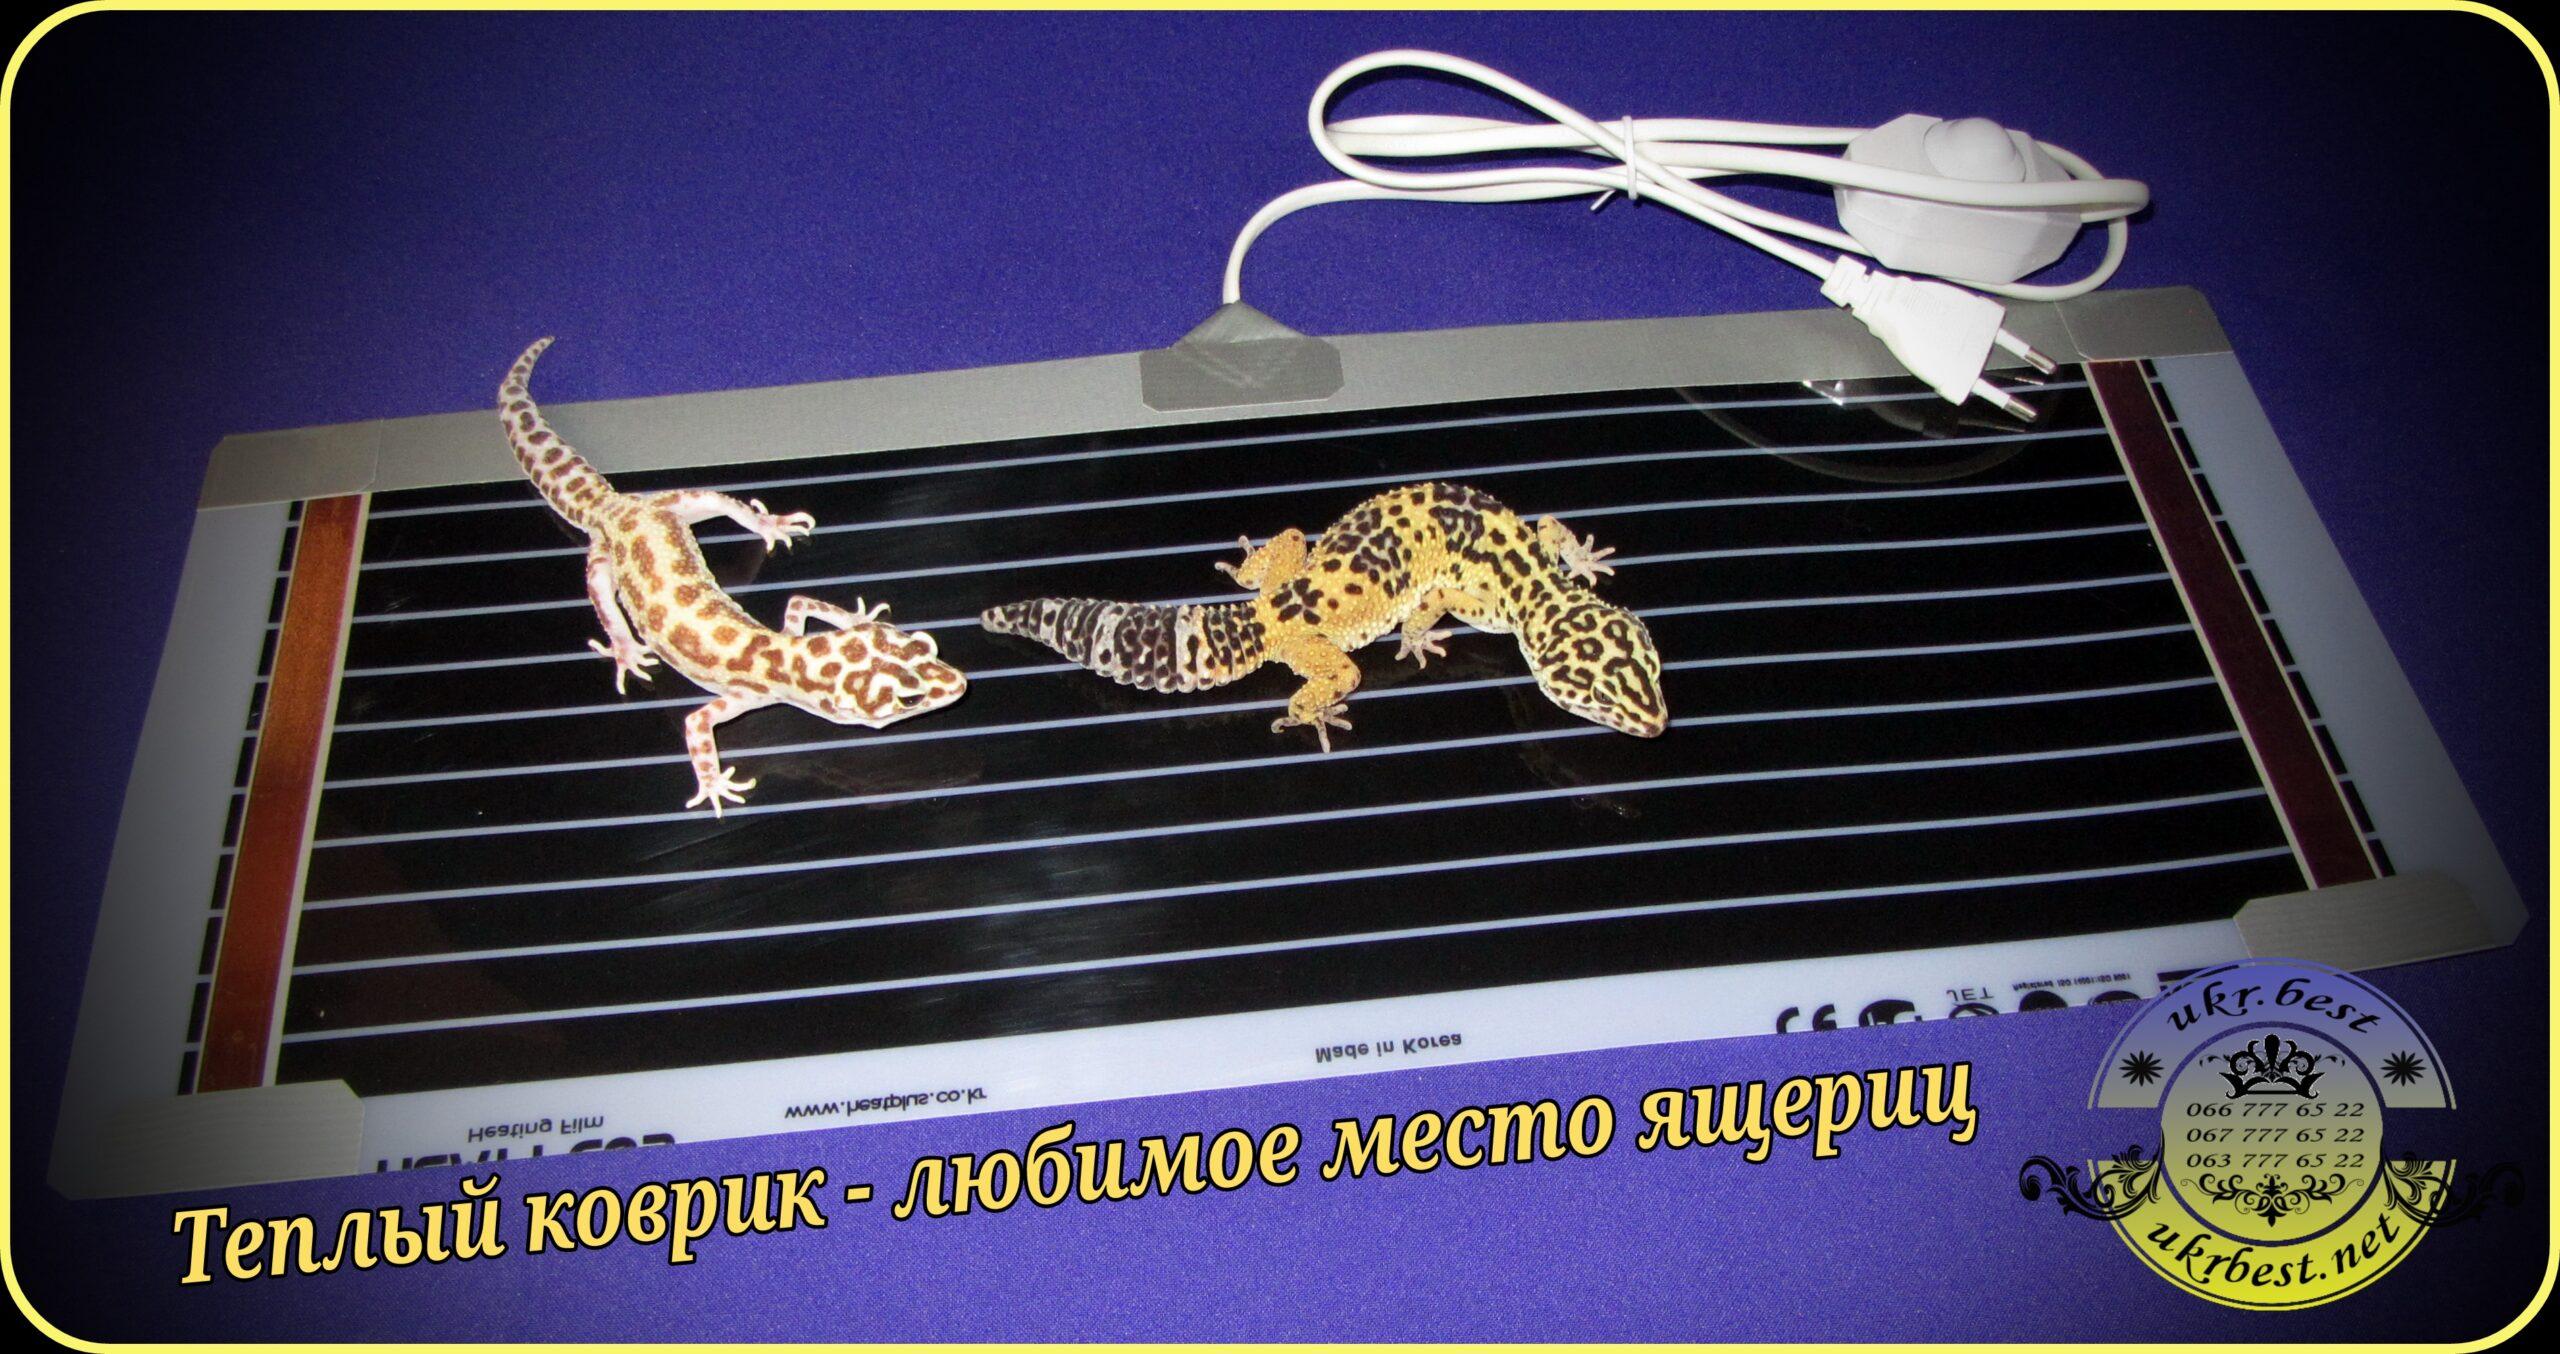 Обогреватель для террариума ящера - Украина.